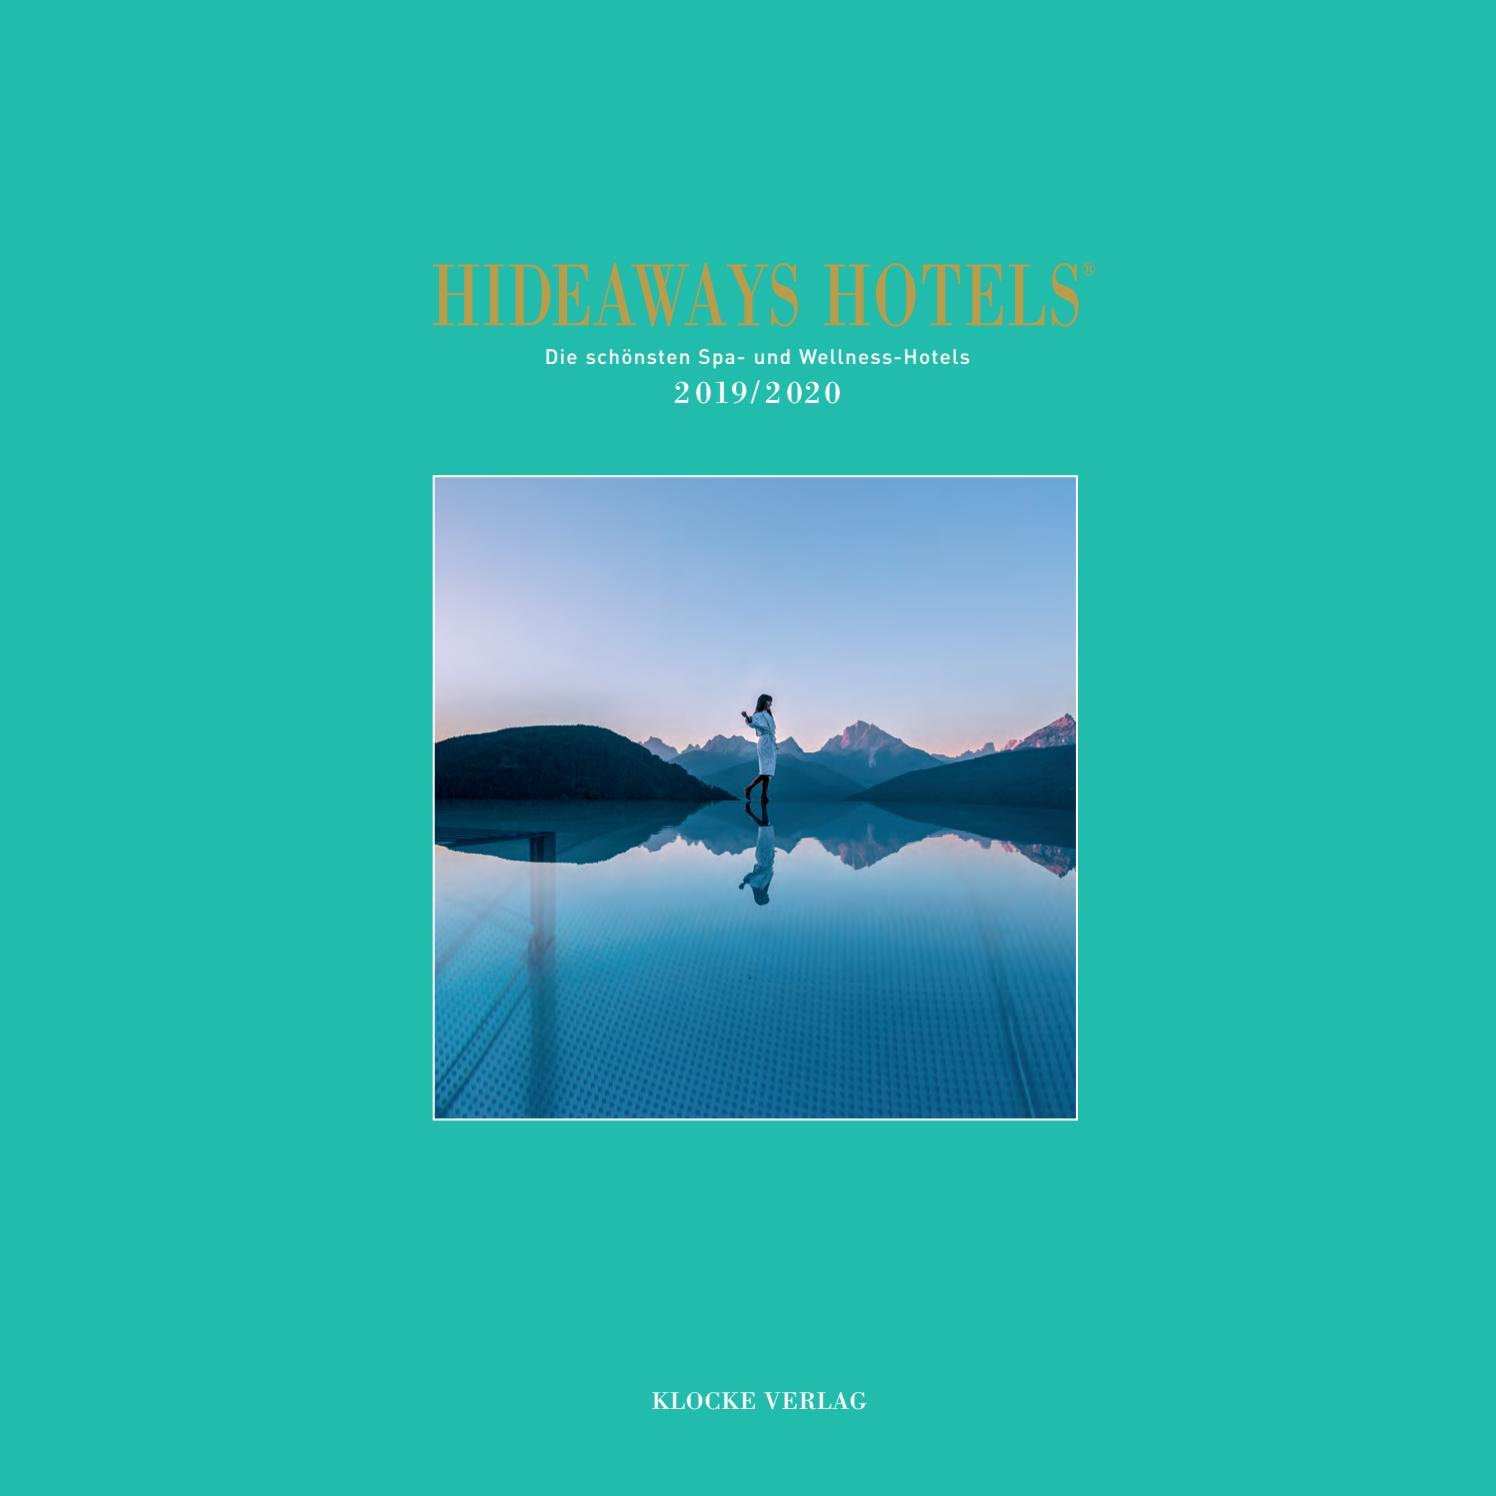 Hideaways Hotels Spa Guide 2019/2020 by Klocke Verlag - issuu